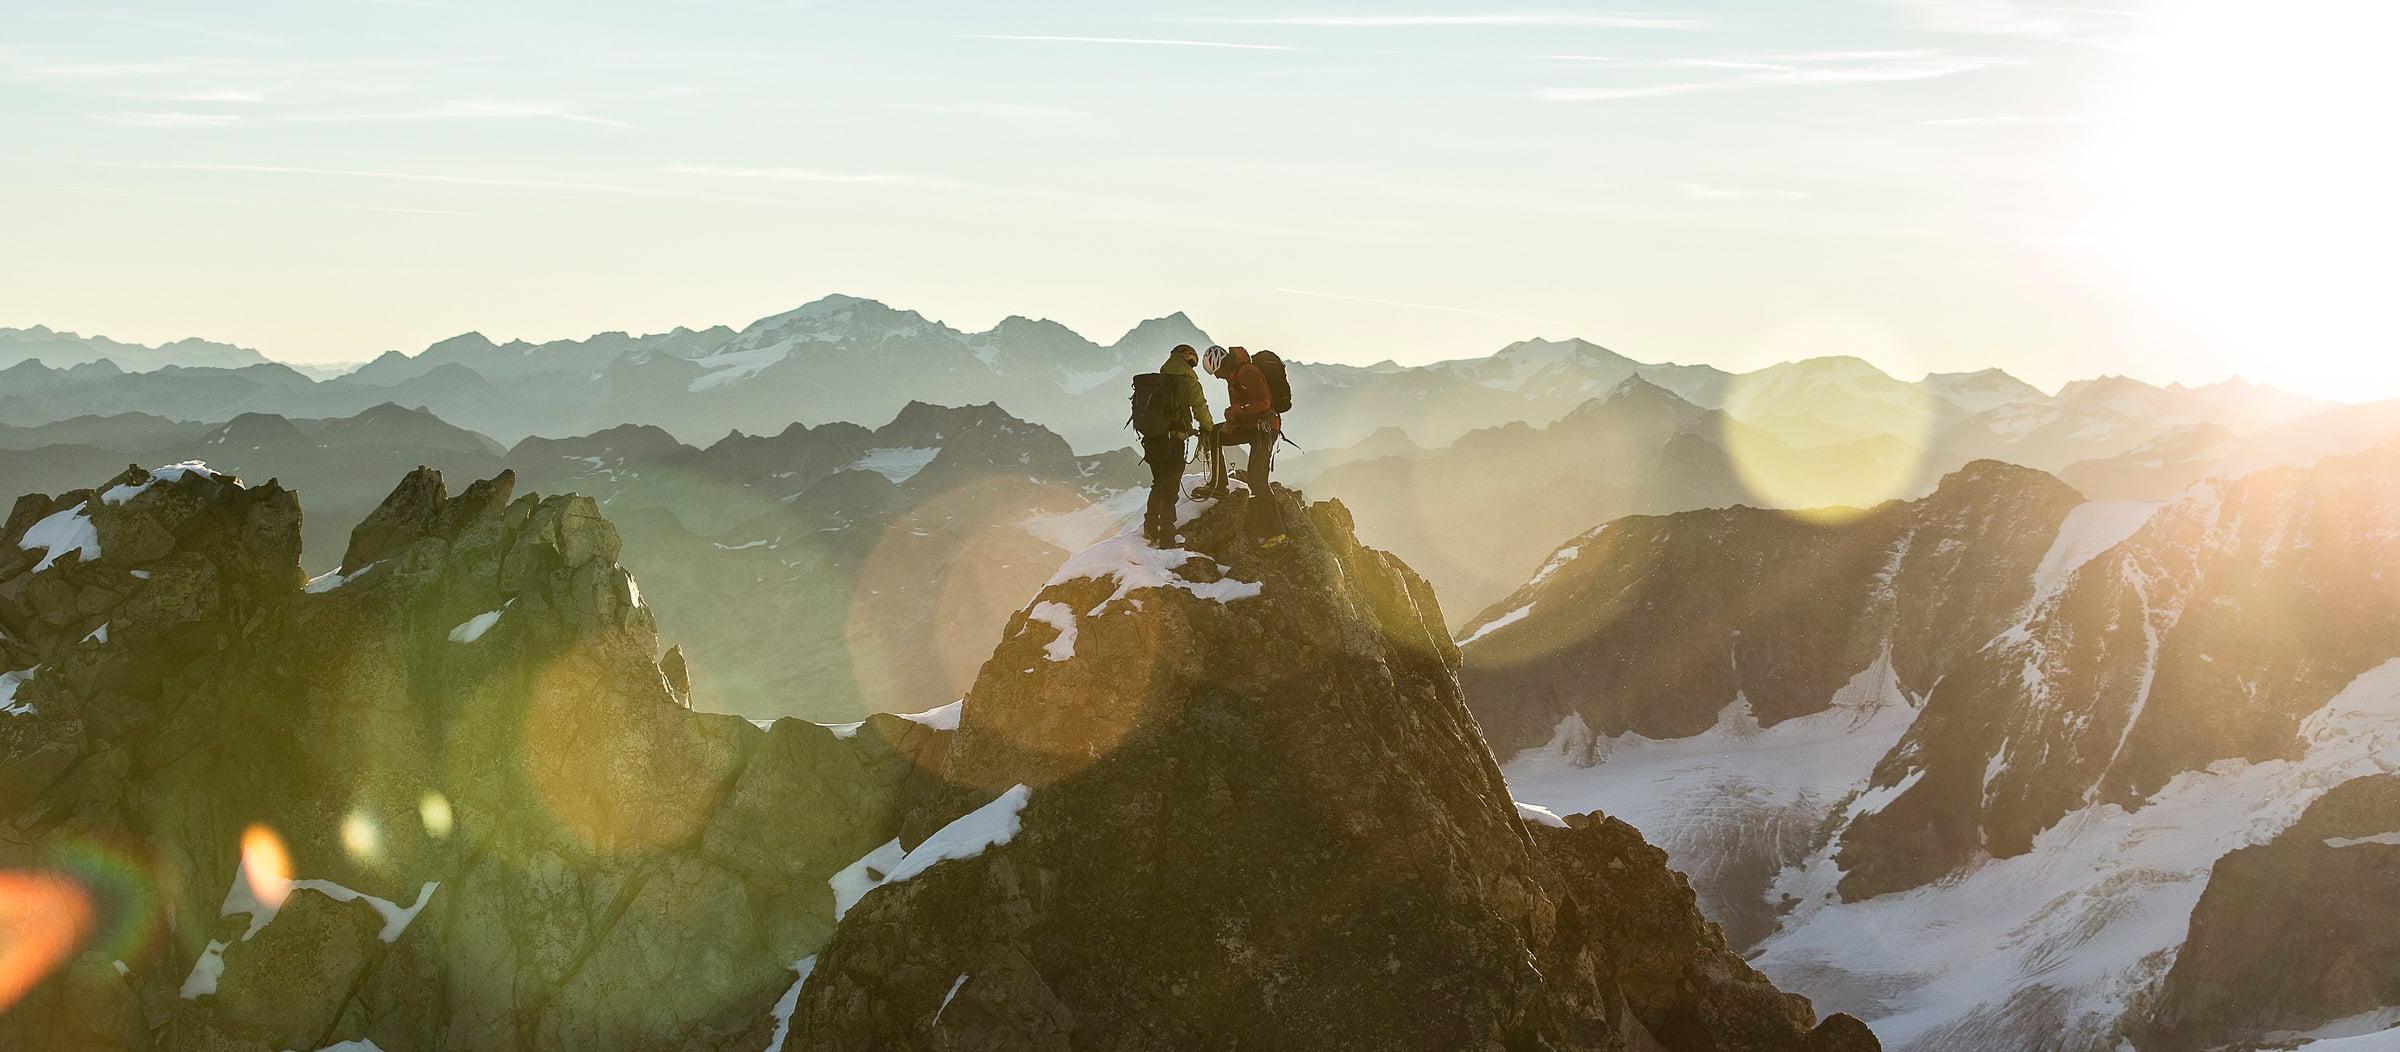 Mountain Tour at Piz Bernina